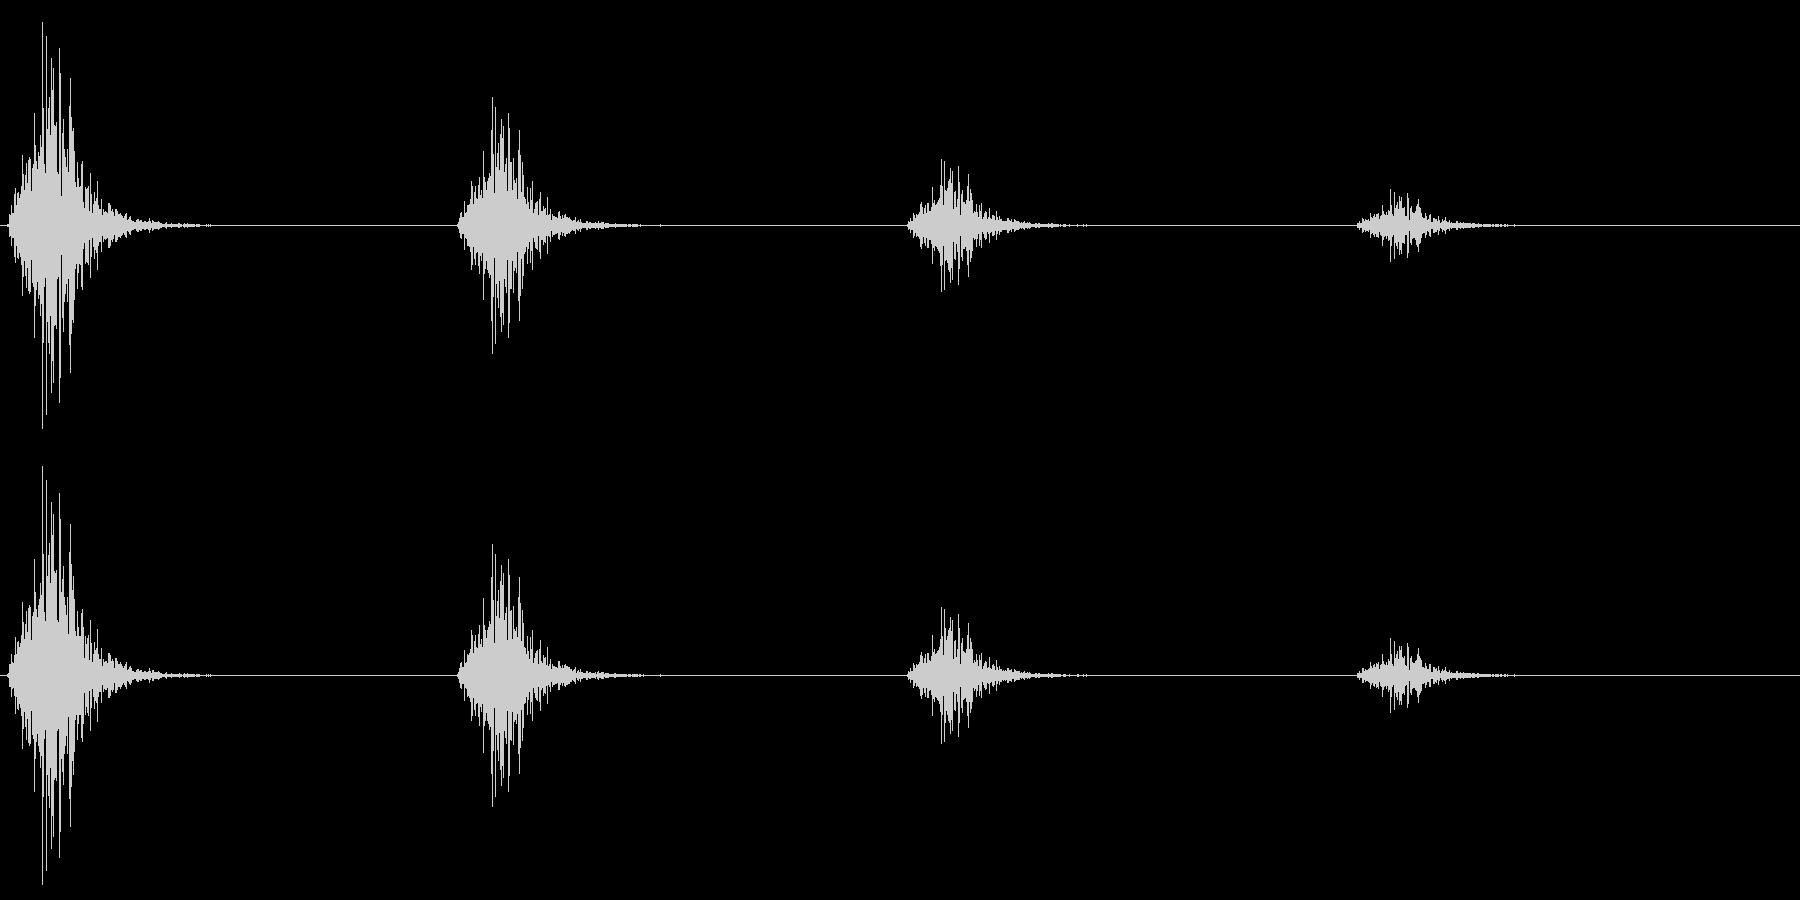 レトロゲームの「足音」「階段の昇降」の未再生の波形